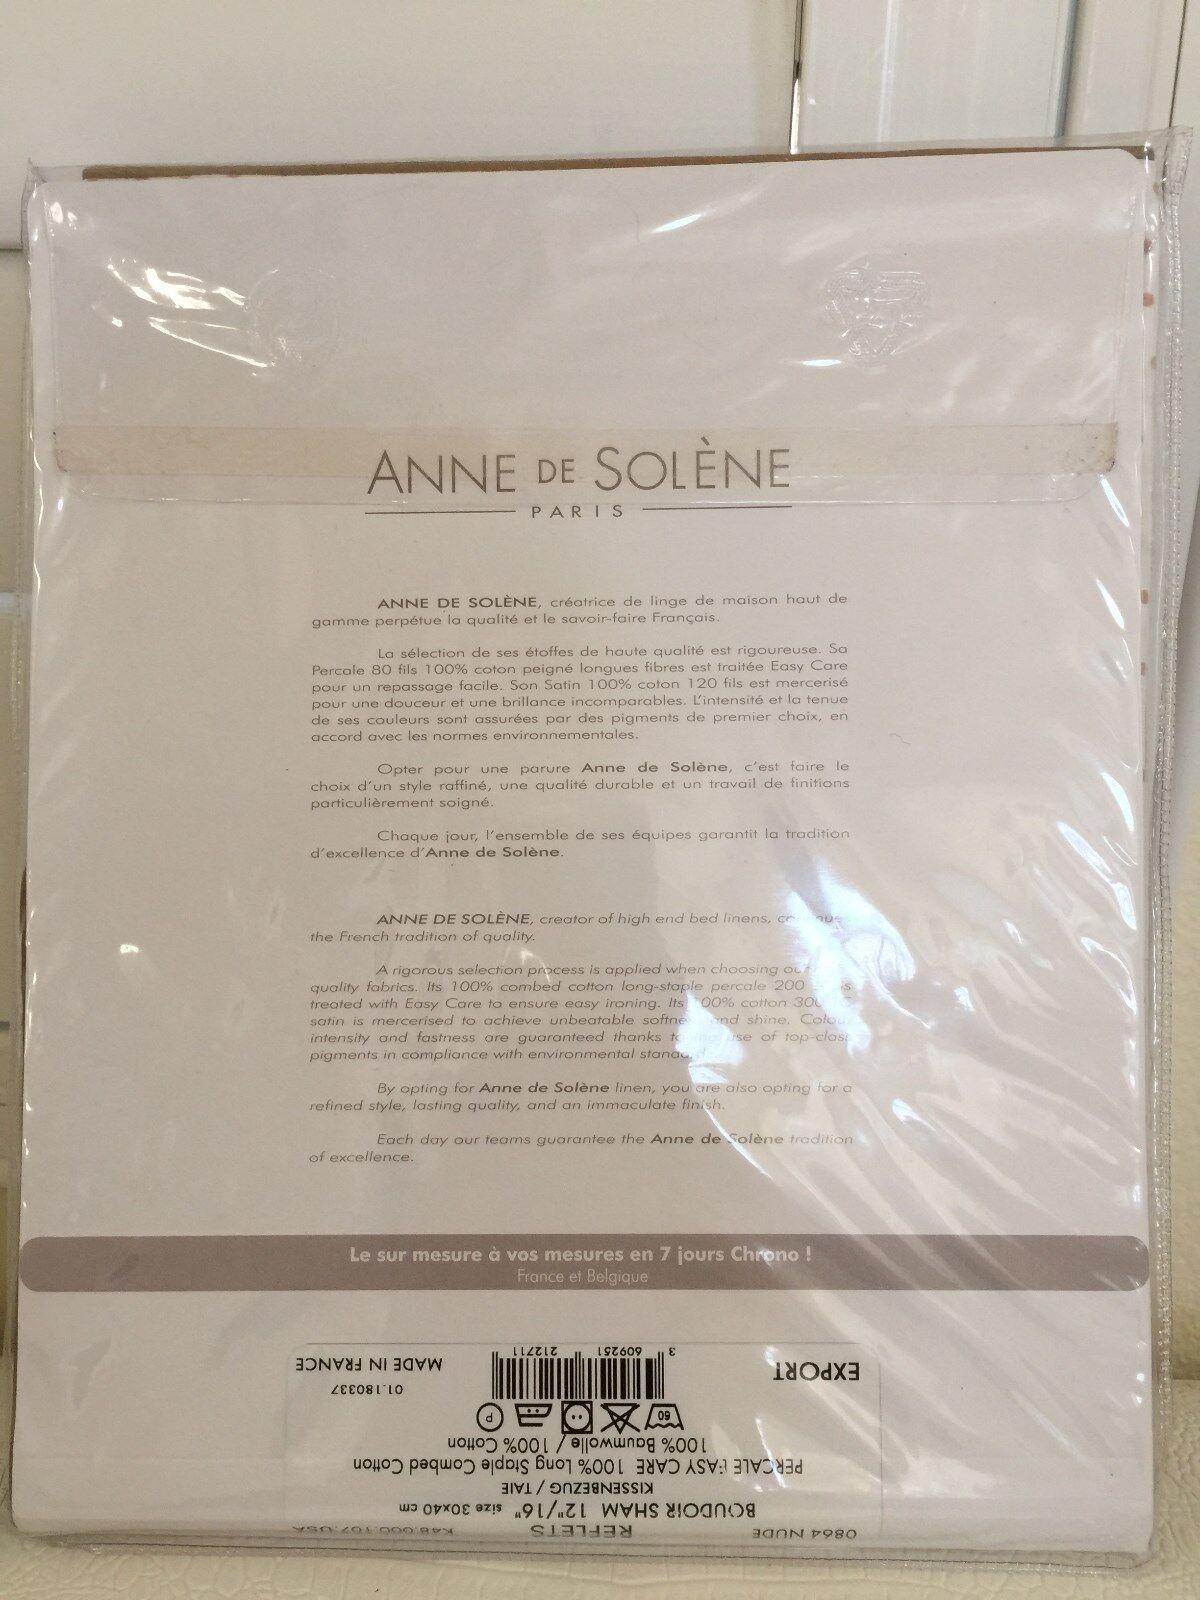 Anne De Solene Pivoine anne de solene paris bed linens reflets nude boudoir sham 100% cotton new